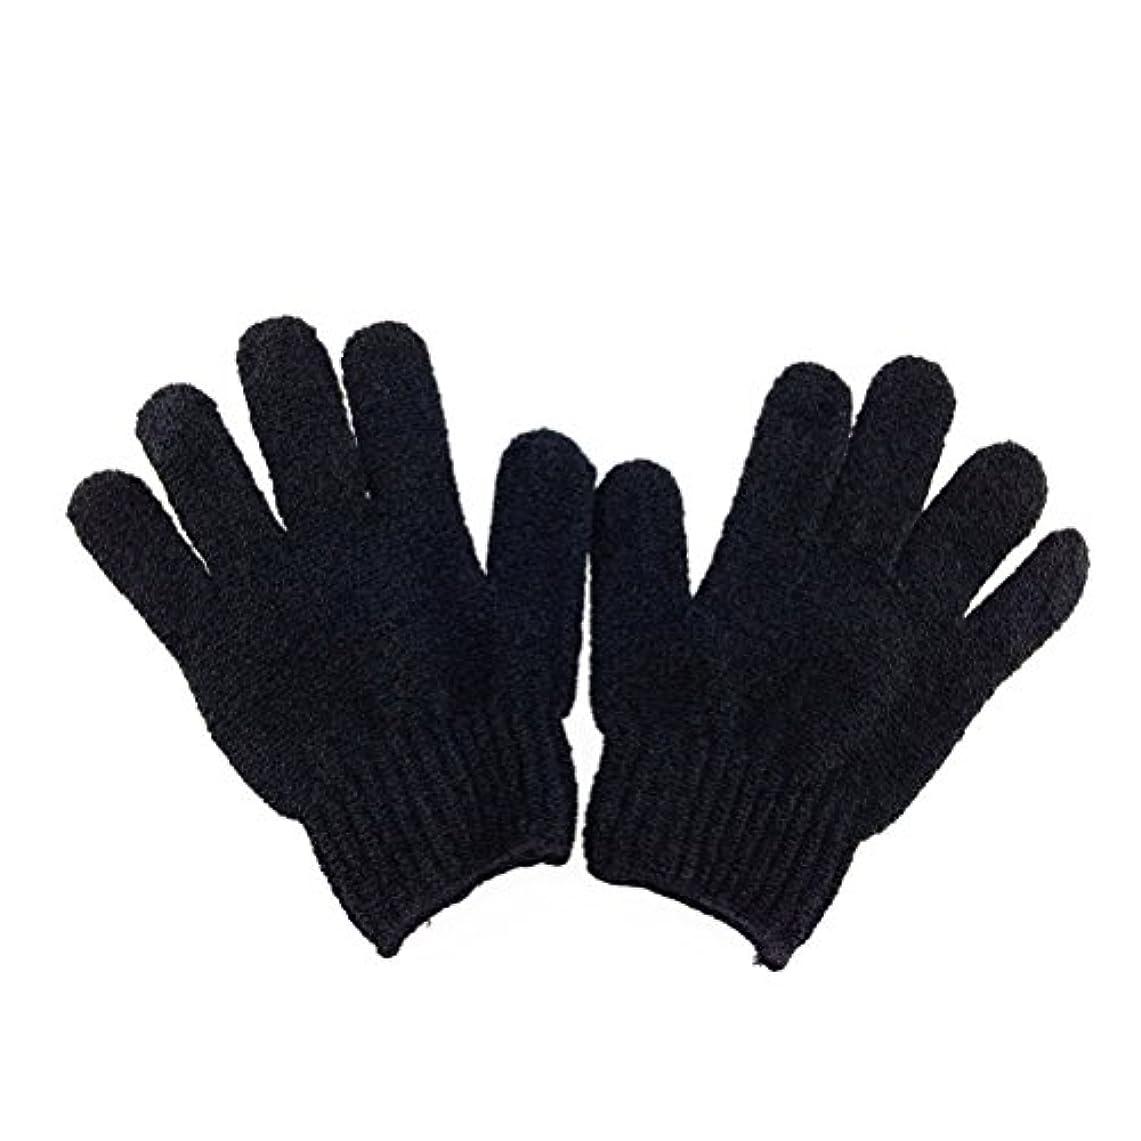 貪欲批評過敏なSupvox シャワー剥離手袋バスボディーシャワー剥離手袋1ペア(ブラック)